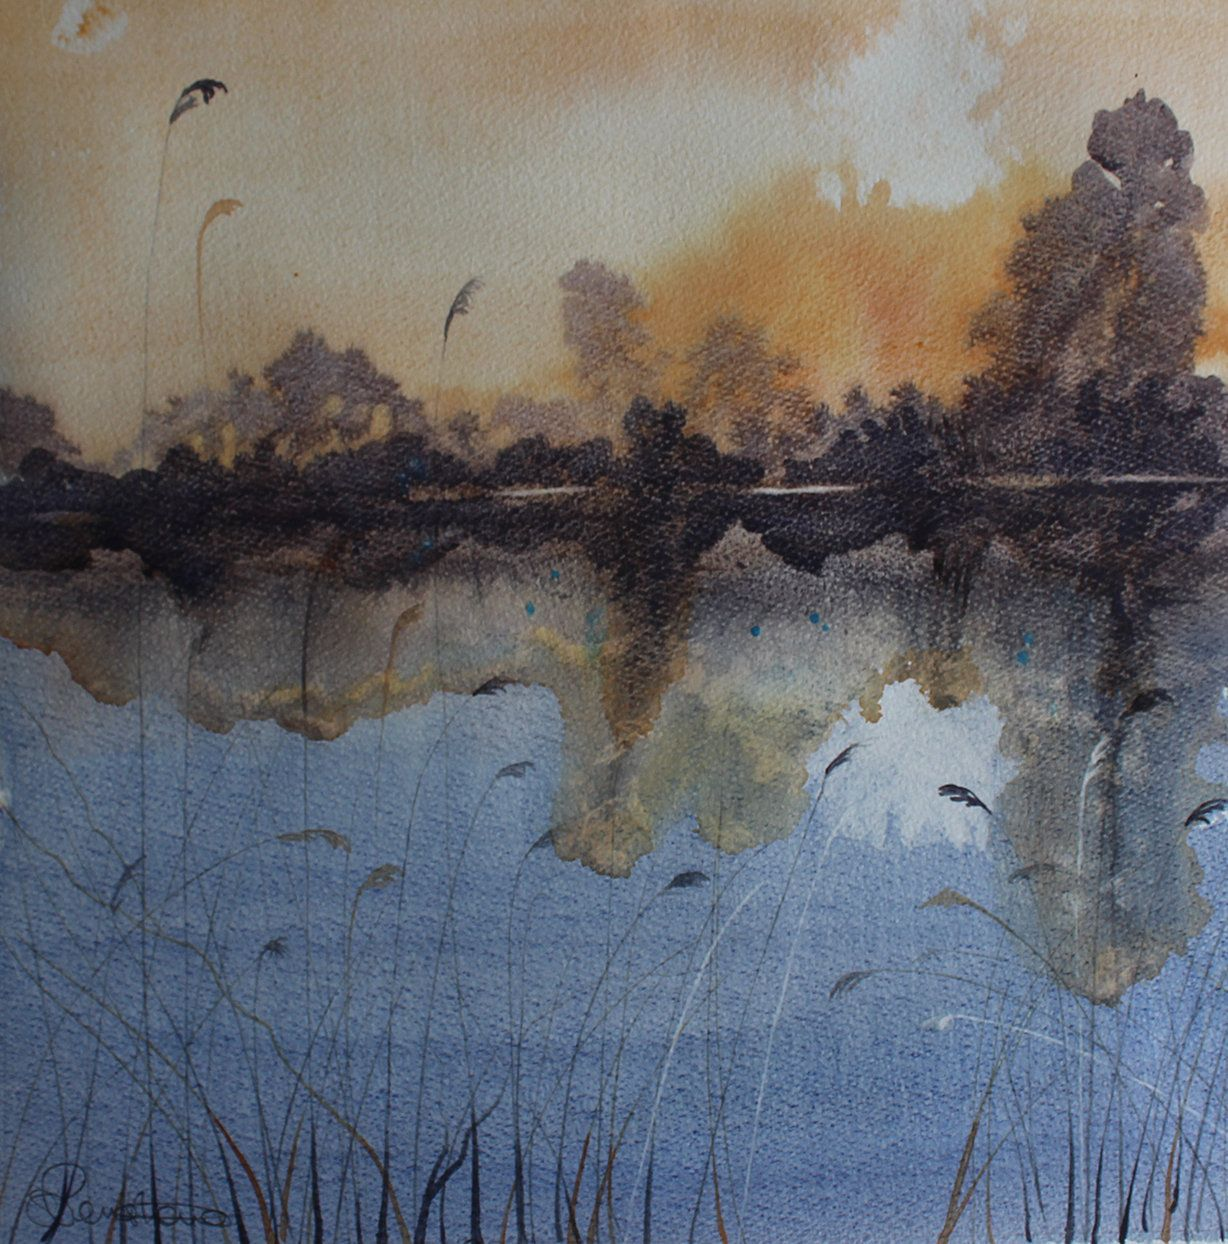 sunset watercolour, lake painting, Cornwall art, setting sun